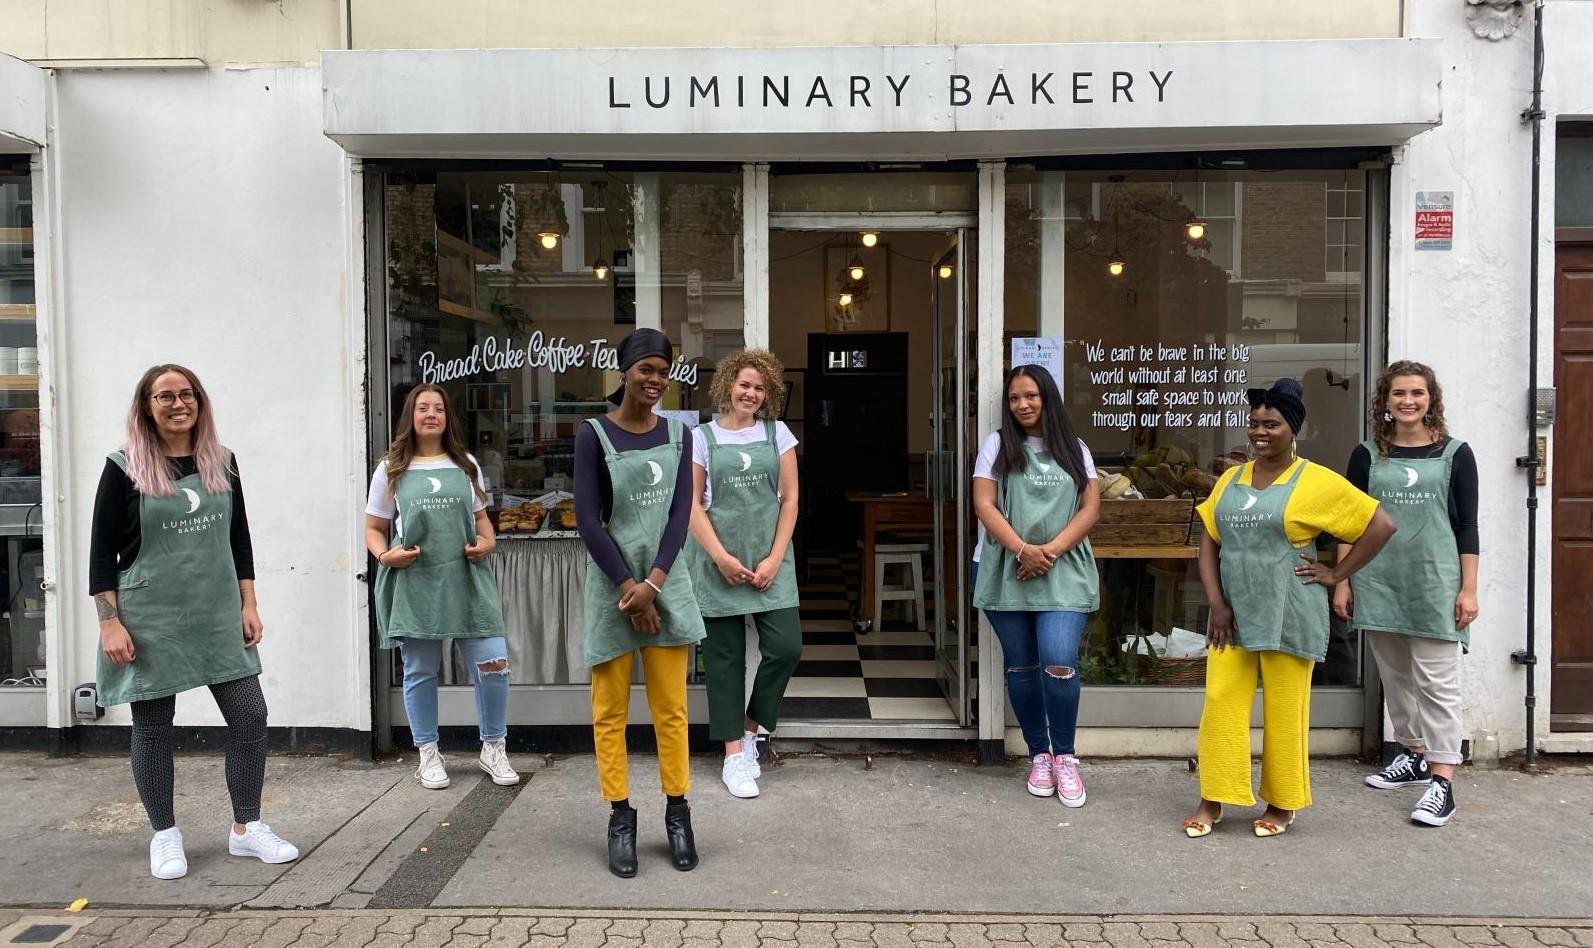 The team at Luminary Bakery